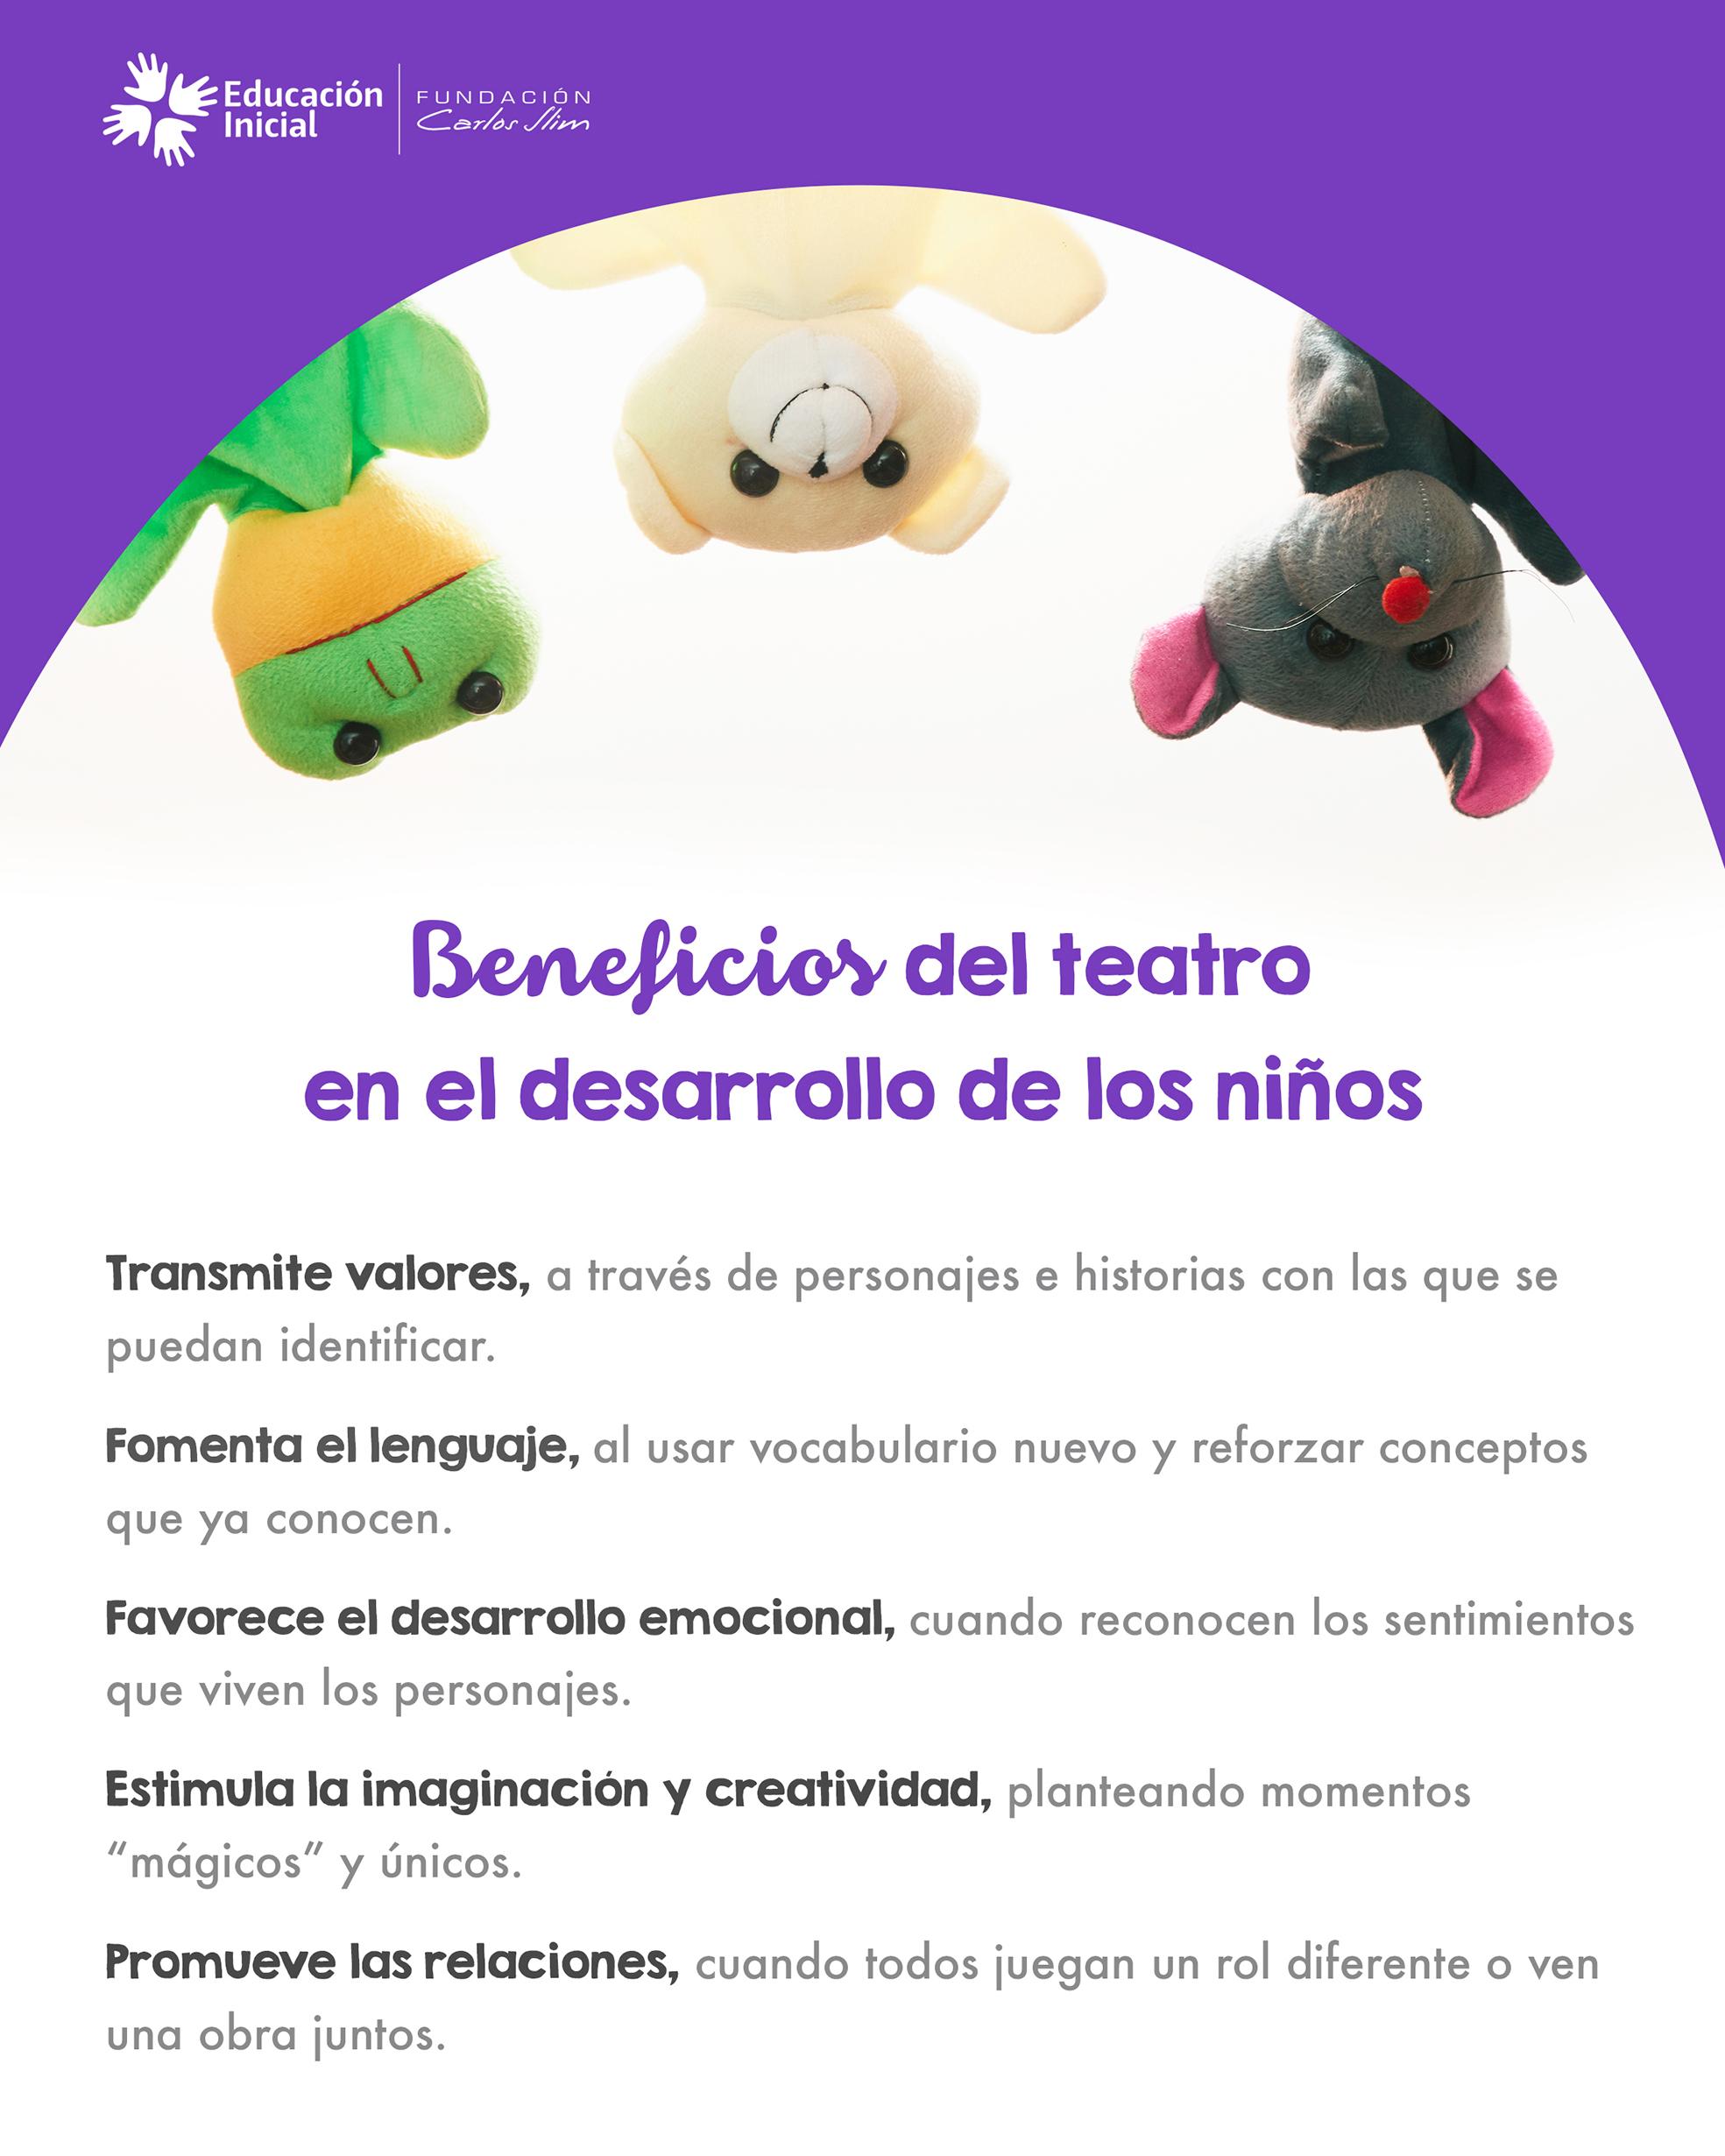 2. Beneficios del teatro en el desarrollo de los niños